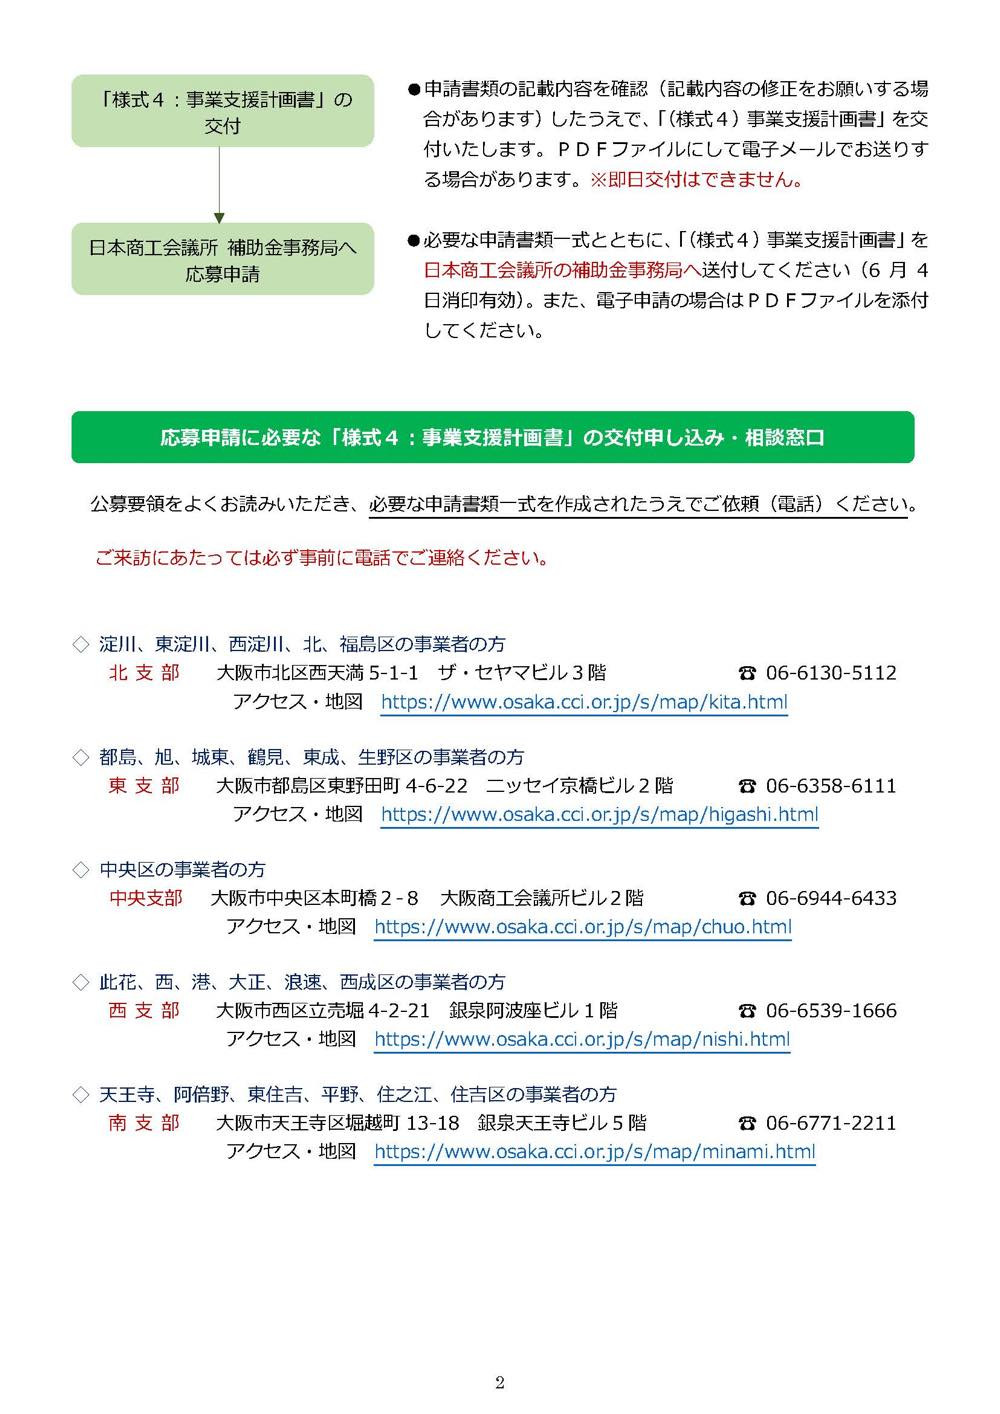 令和元年度補正予算 小規模事業者持続化補助金 <一般型> 第5回受付締切 <2021 年 6 月 4 日(金)締切> 大阪商工会議所